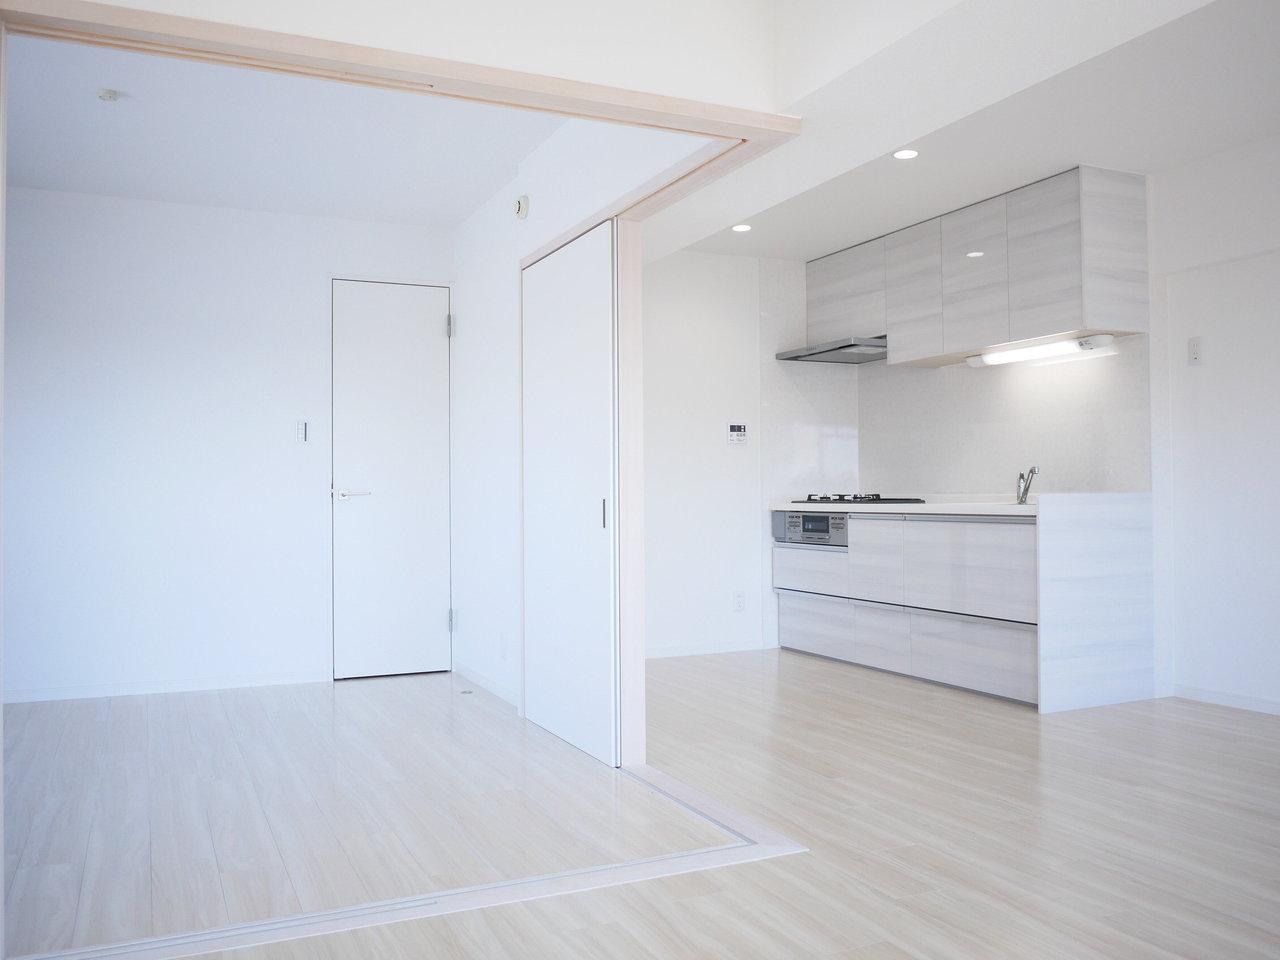 最後はこちらの物件。角部屋で最上階。日当たりもとっても良く、全体的に白で統一されたさわやかなお部屋です。